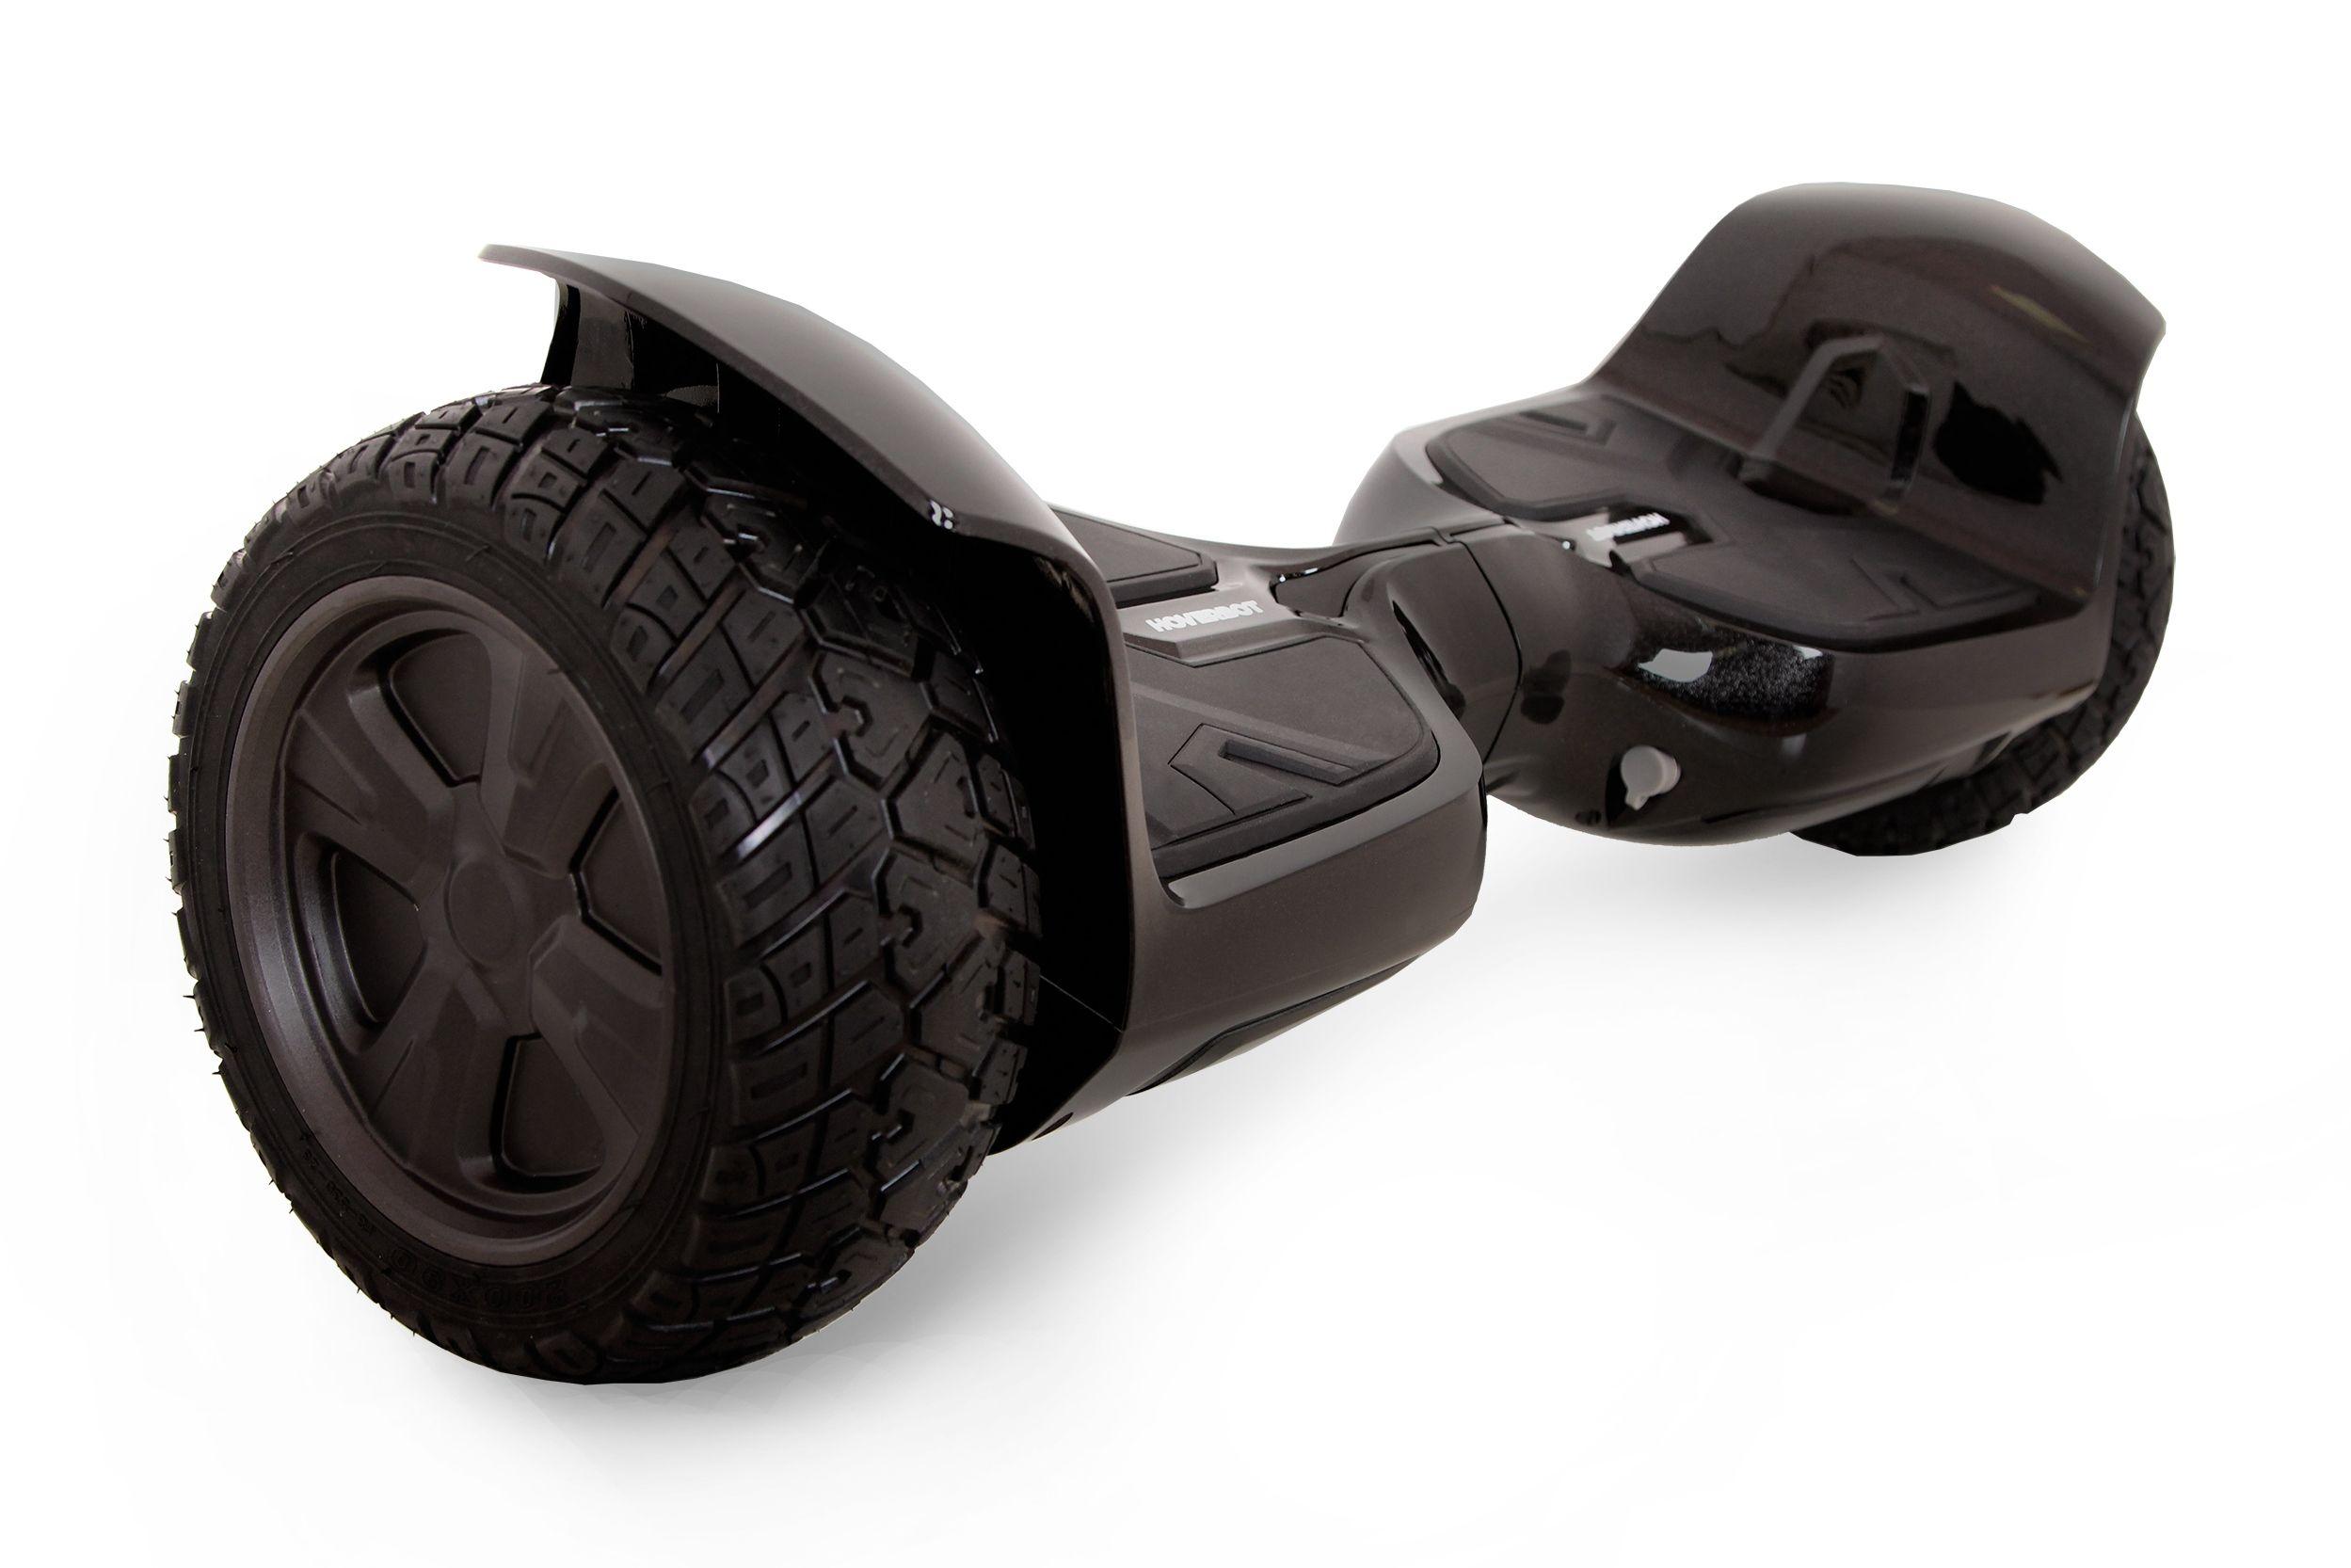 """Гироскутер Hoverbot B-14 Premium черныйГИРОСКУТЕРЫ<br>Hoverbot B-14 PREMIUM - мощный электротранспорт для веселых городских поездок. Колеса диаметром 8"""" дюймов и мощный мотор подойдут для уверенного катания по неровному асфальту. Для тех, кто любит яркие поездки в сопровождении музыки, гироскутер оснащен светодиодными фарами и Bluetooth-передатчиком. Уникальное дополнение: самобаланс. На устройство удобно вставать, т.к. выравнивание происходит автоматически. Обучение катанию проходит намного легче! С данной функцией вероятность того, что гироскутер покатится от вас, переворачиваясь и повреждаясь, минимальна. Катайтесь всей семьей!<br><br>бренд: HOVERBOT<br>год: 2018<br>рама: None<br>вилка: None<br>блокировка амортизатора: None<br>диаметр колес: 8<br>тормоза: None<br>уровень оборудования: None<br>количество скоростей: None<br>Цвет: черный<br>Размер: None"""